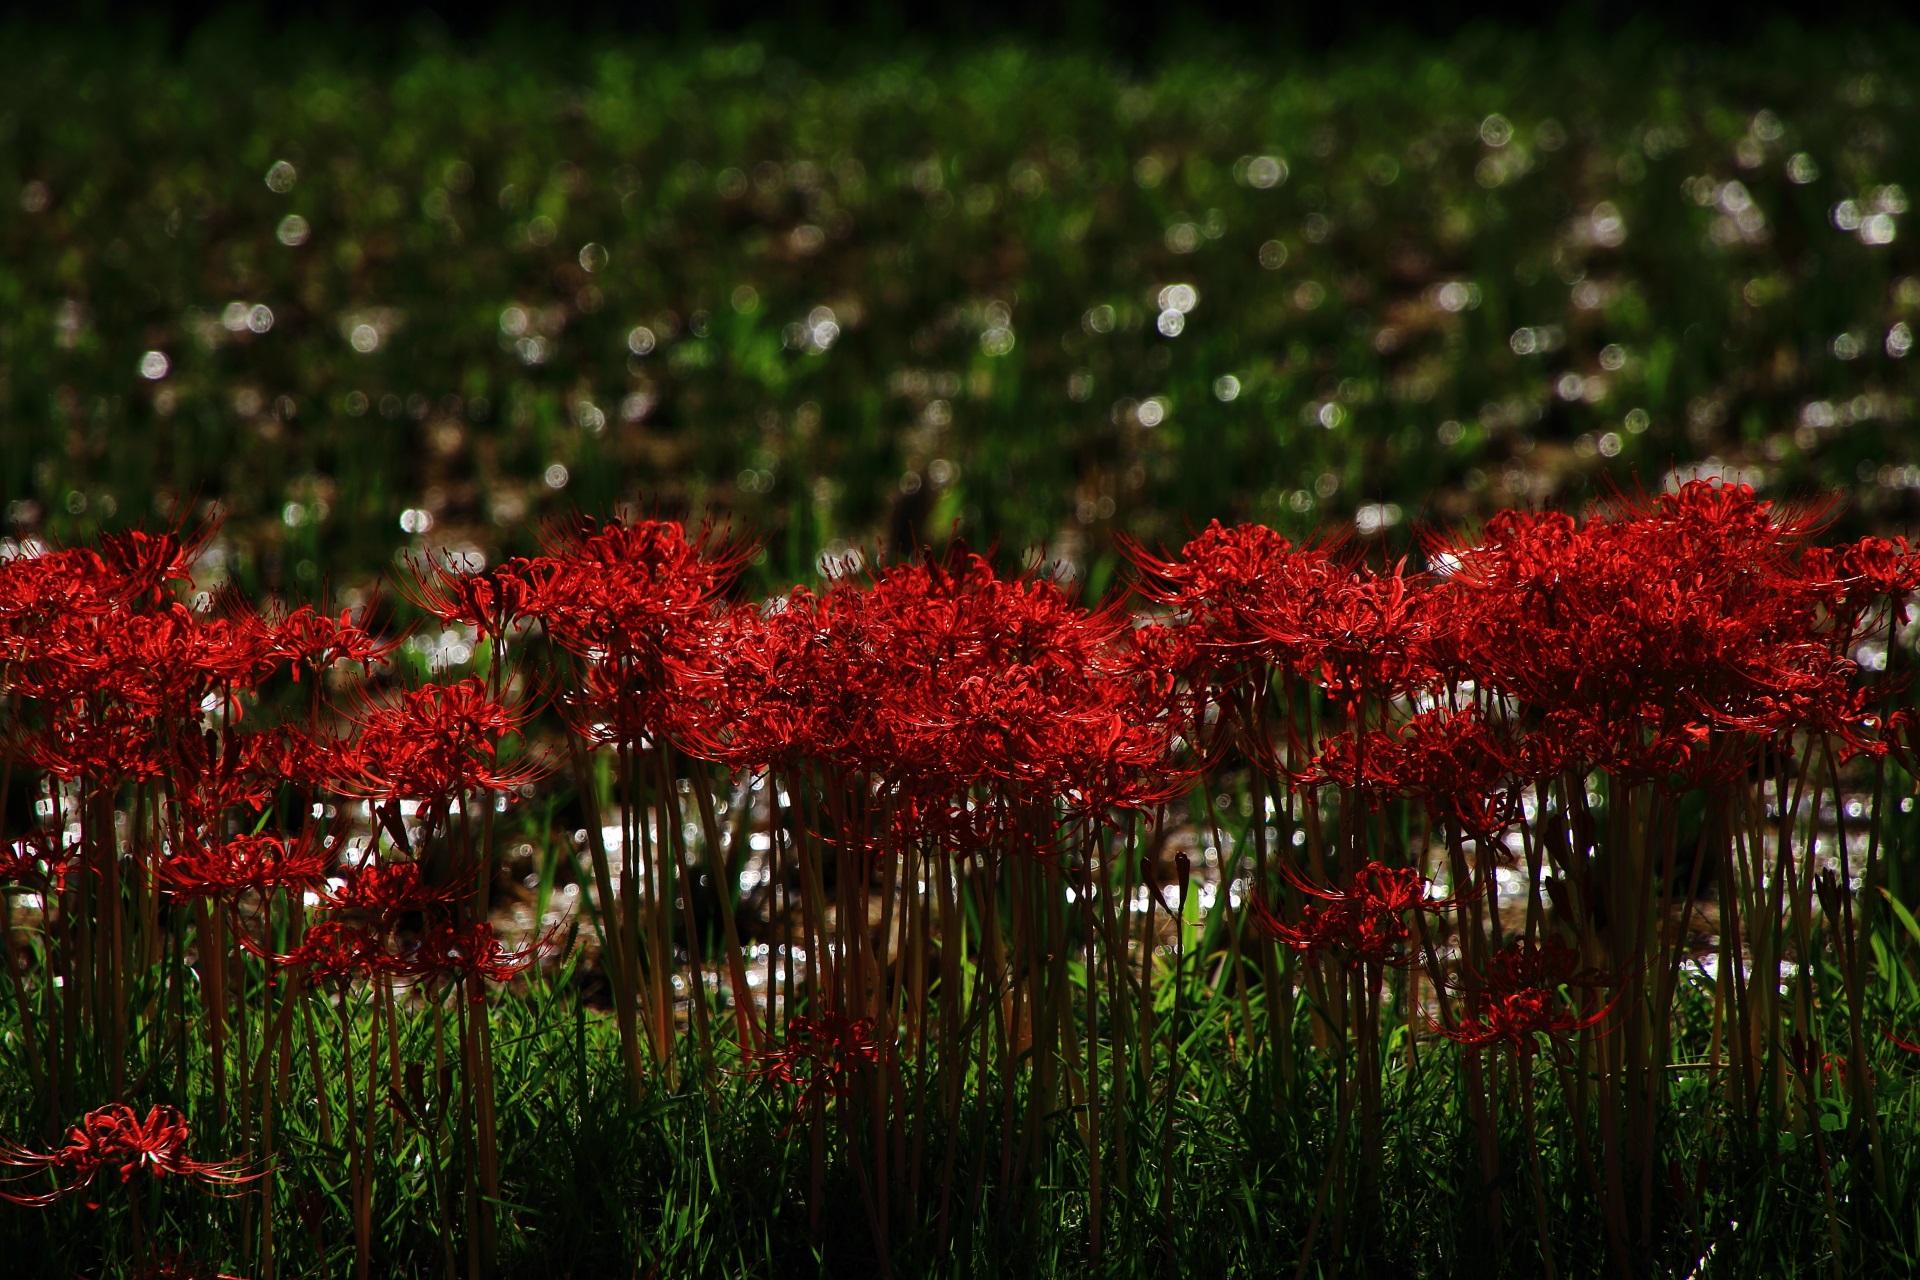 嵯峨野の輝く田んぼと赤い彼岸花